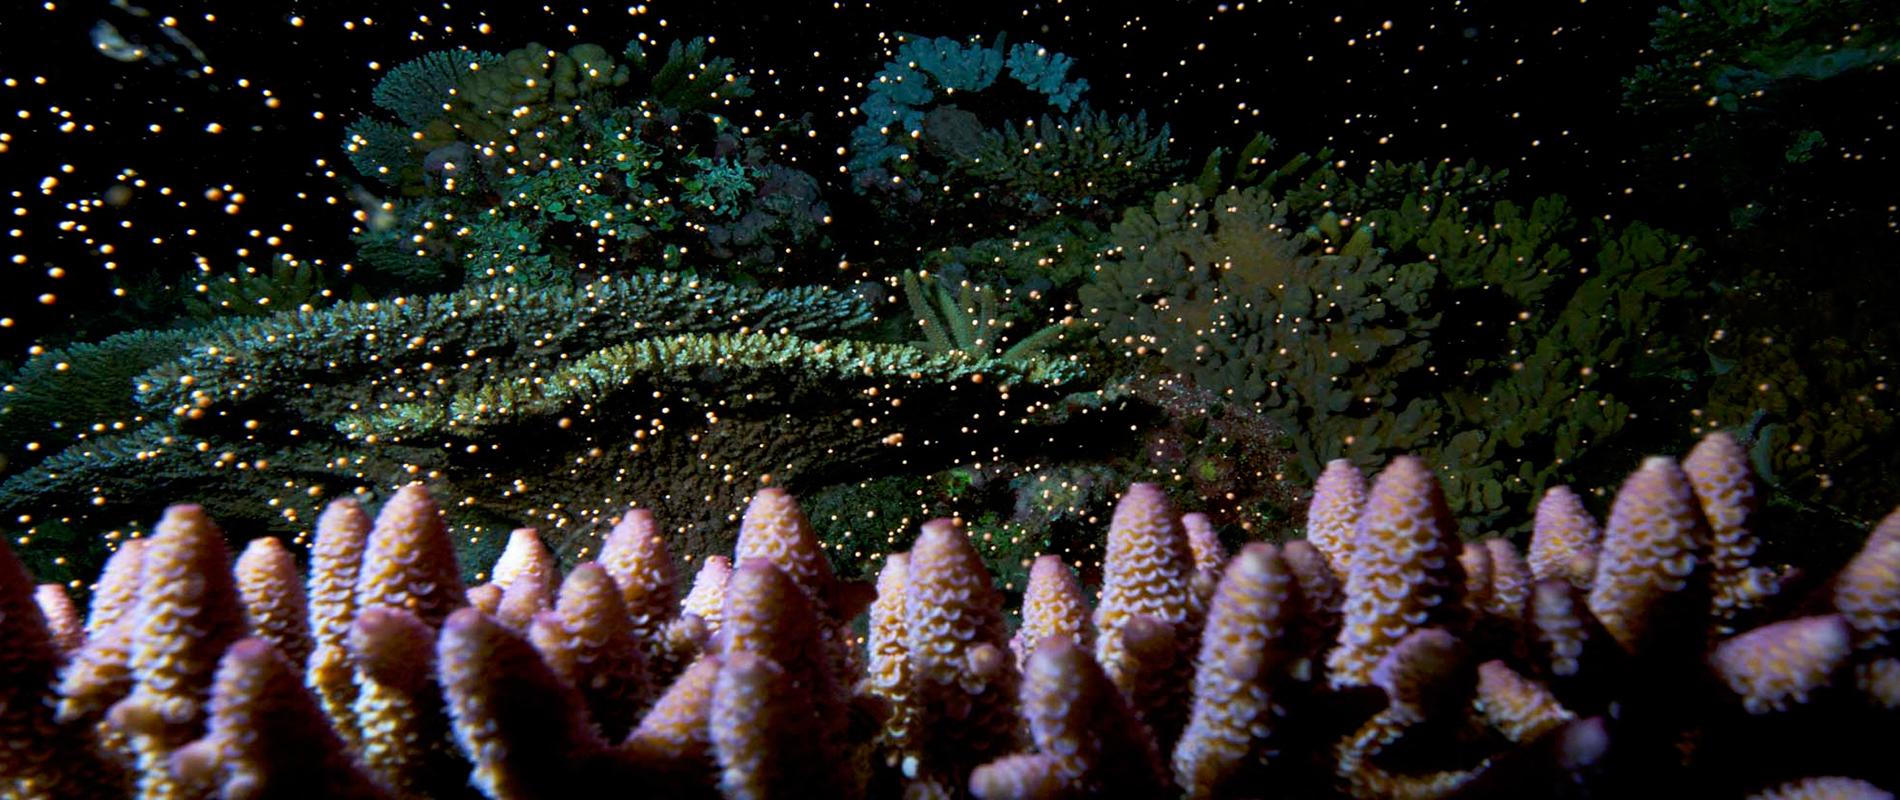 La notte dei coralli, il fenomeno riproduttivo della Grande Barriera Corallina